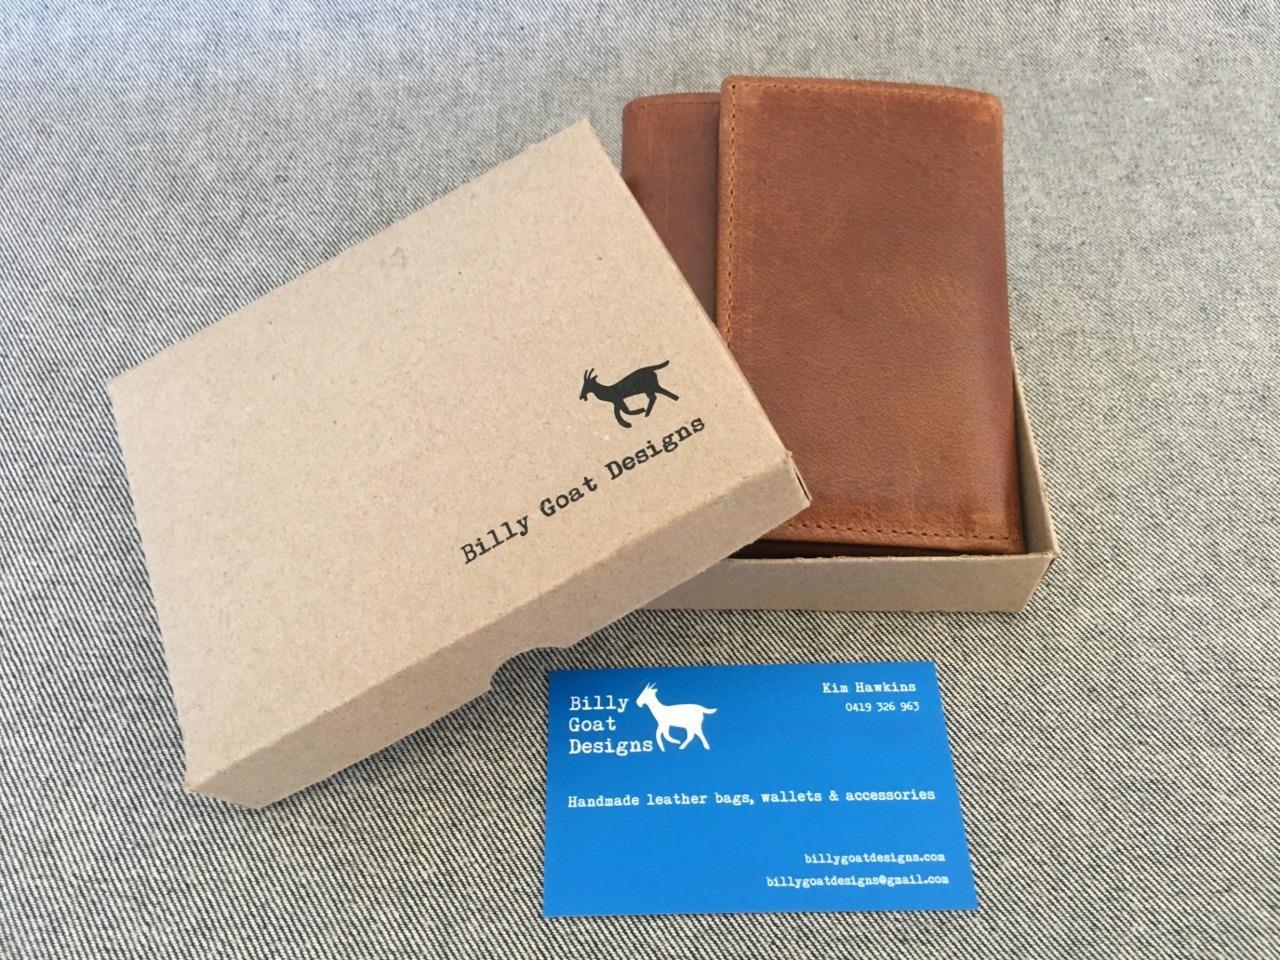 Handmade-Buffalo-Leather-Wallet-CWW3A-Purse-Unisex-Zip-Billy-Goat-Designs-Women